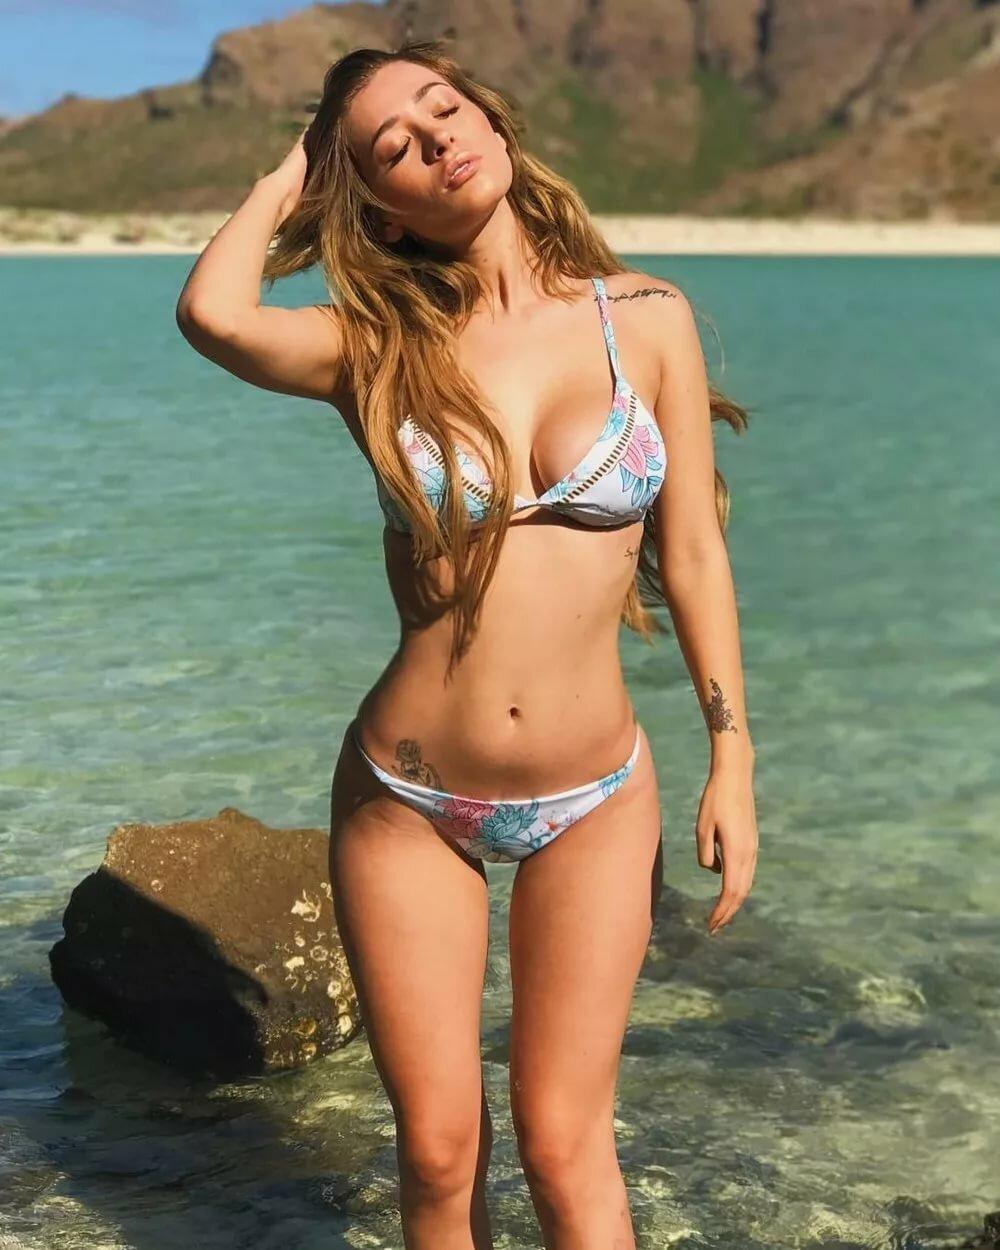 Красивые девушки в купальниках на пляже длинные светлые волосы, глаза прикрыты, правая рука закинута на голову на руке и паху небольшие тату